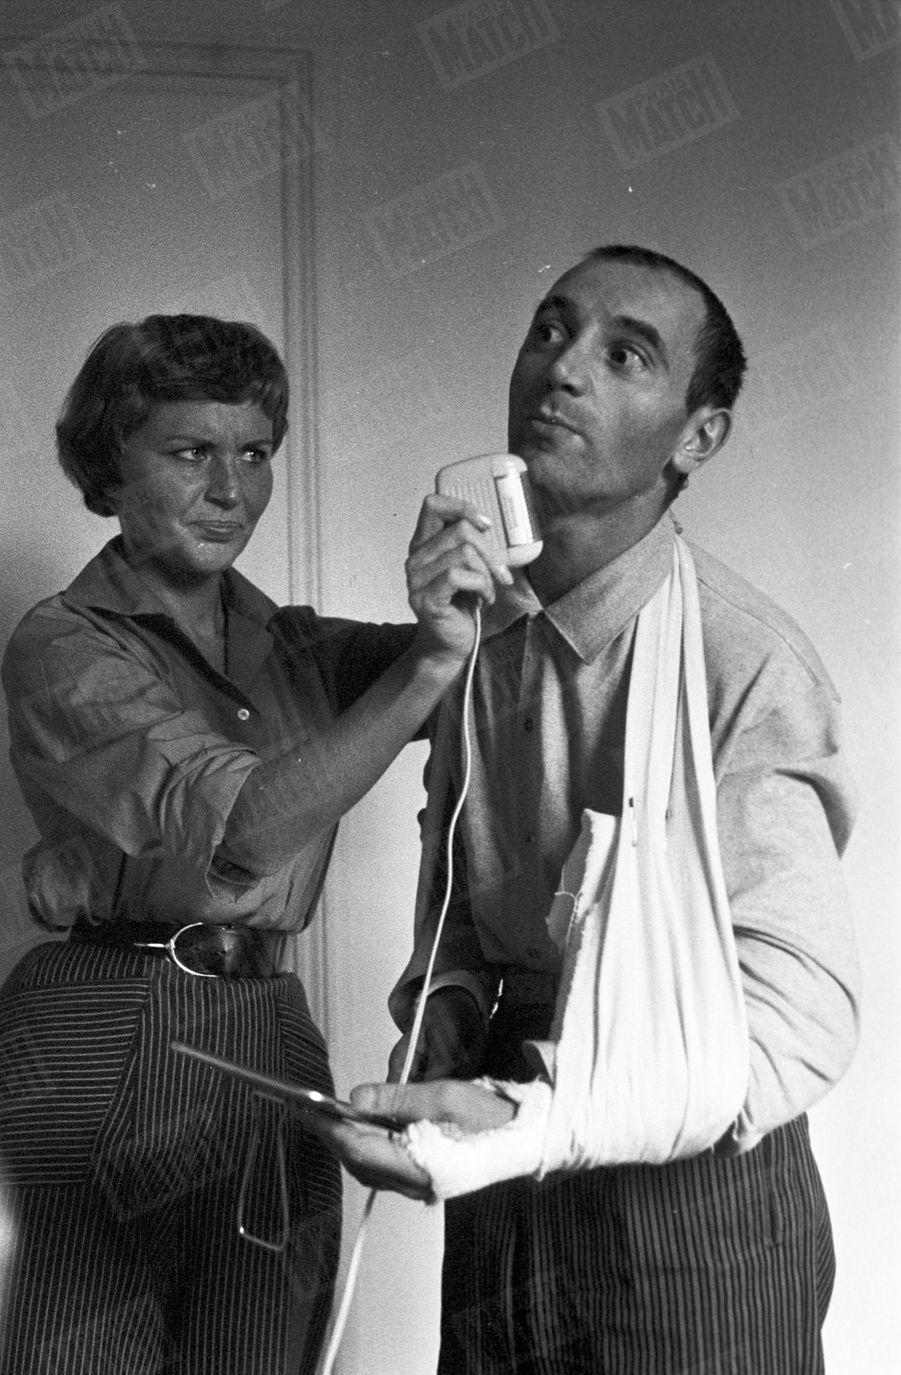 Pour sa toute première photo dans Match, Charles Aznavour, les deux bras plâtrés après un accident de voiture, se fait raser par son épouse Evelyne Plessis, le 4 octobre 1956.